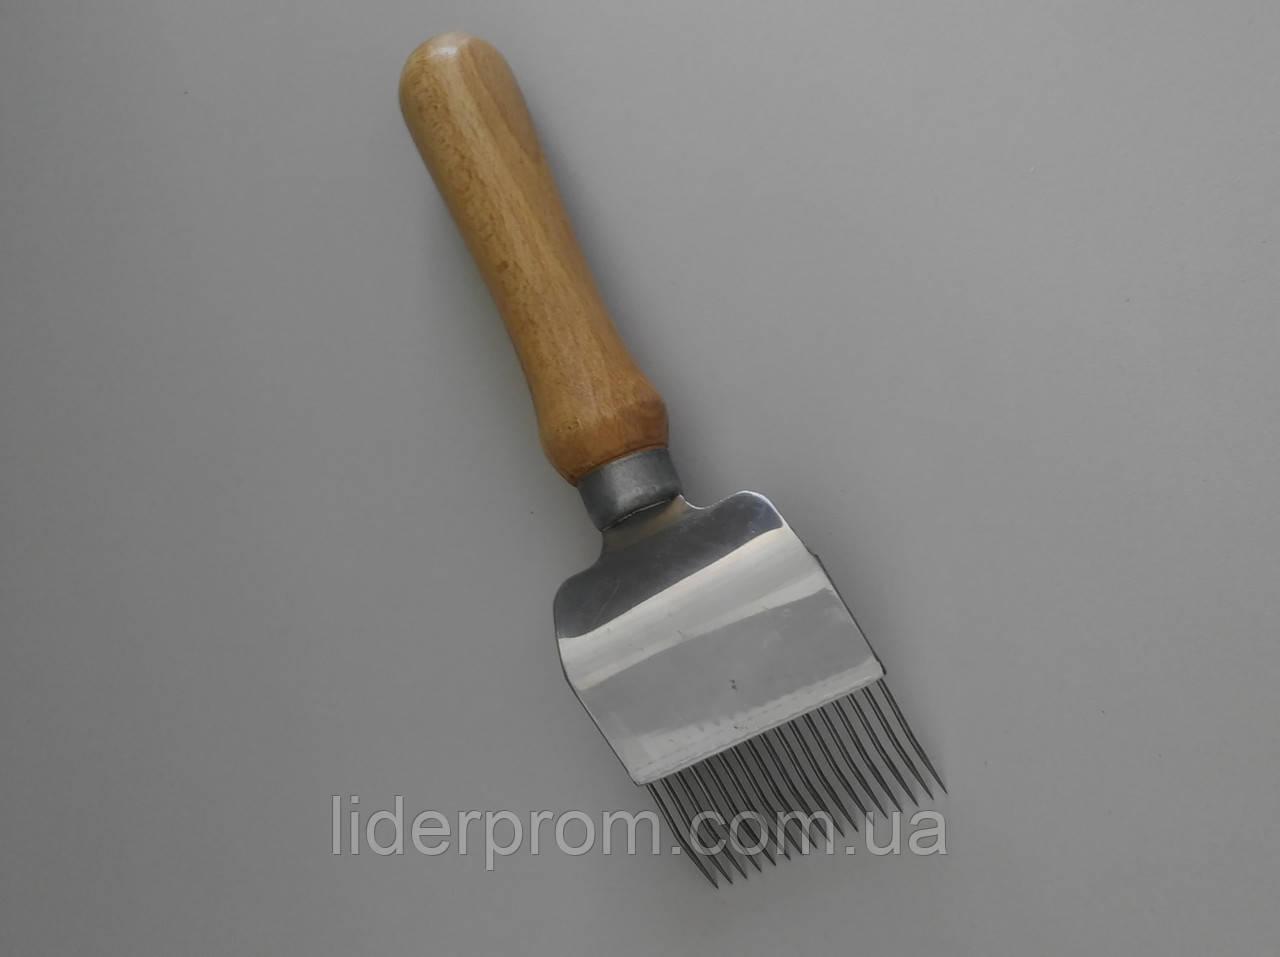 Вилка  для распечатывания  сотов 17 игл  с перегибом,нержавейка, ручка деревянная LYSON Польша